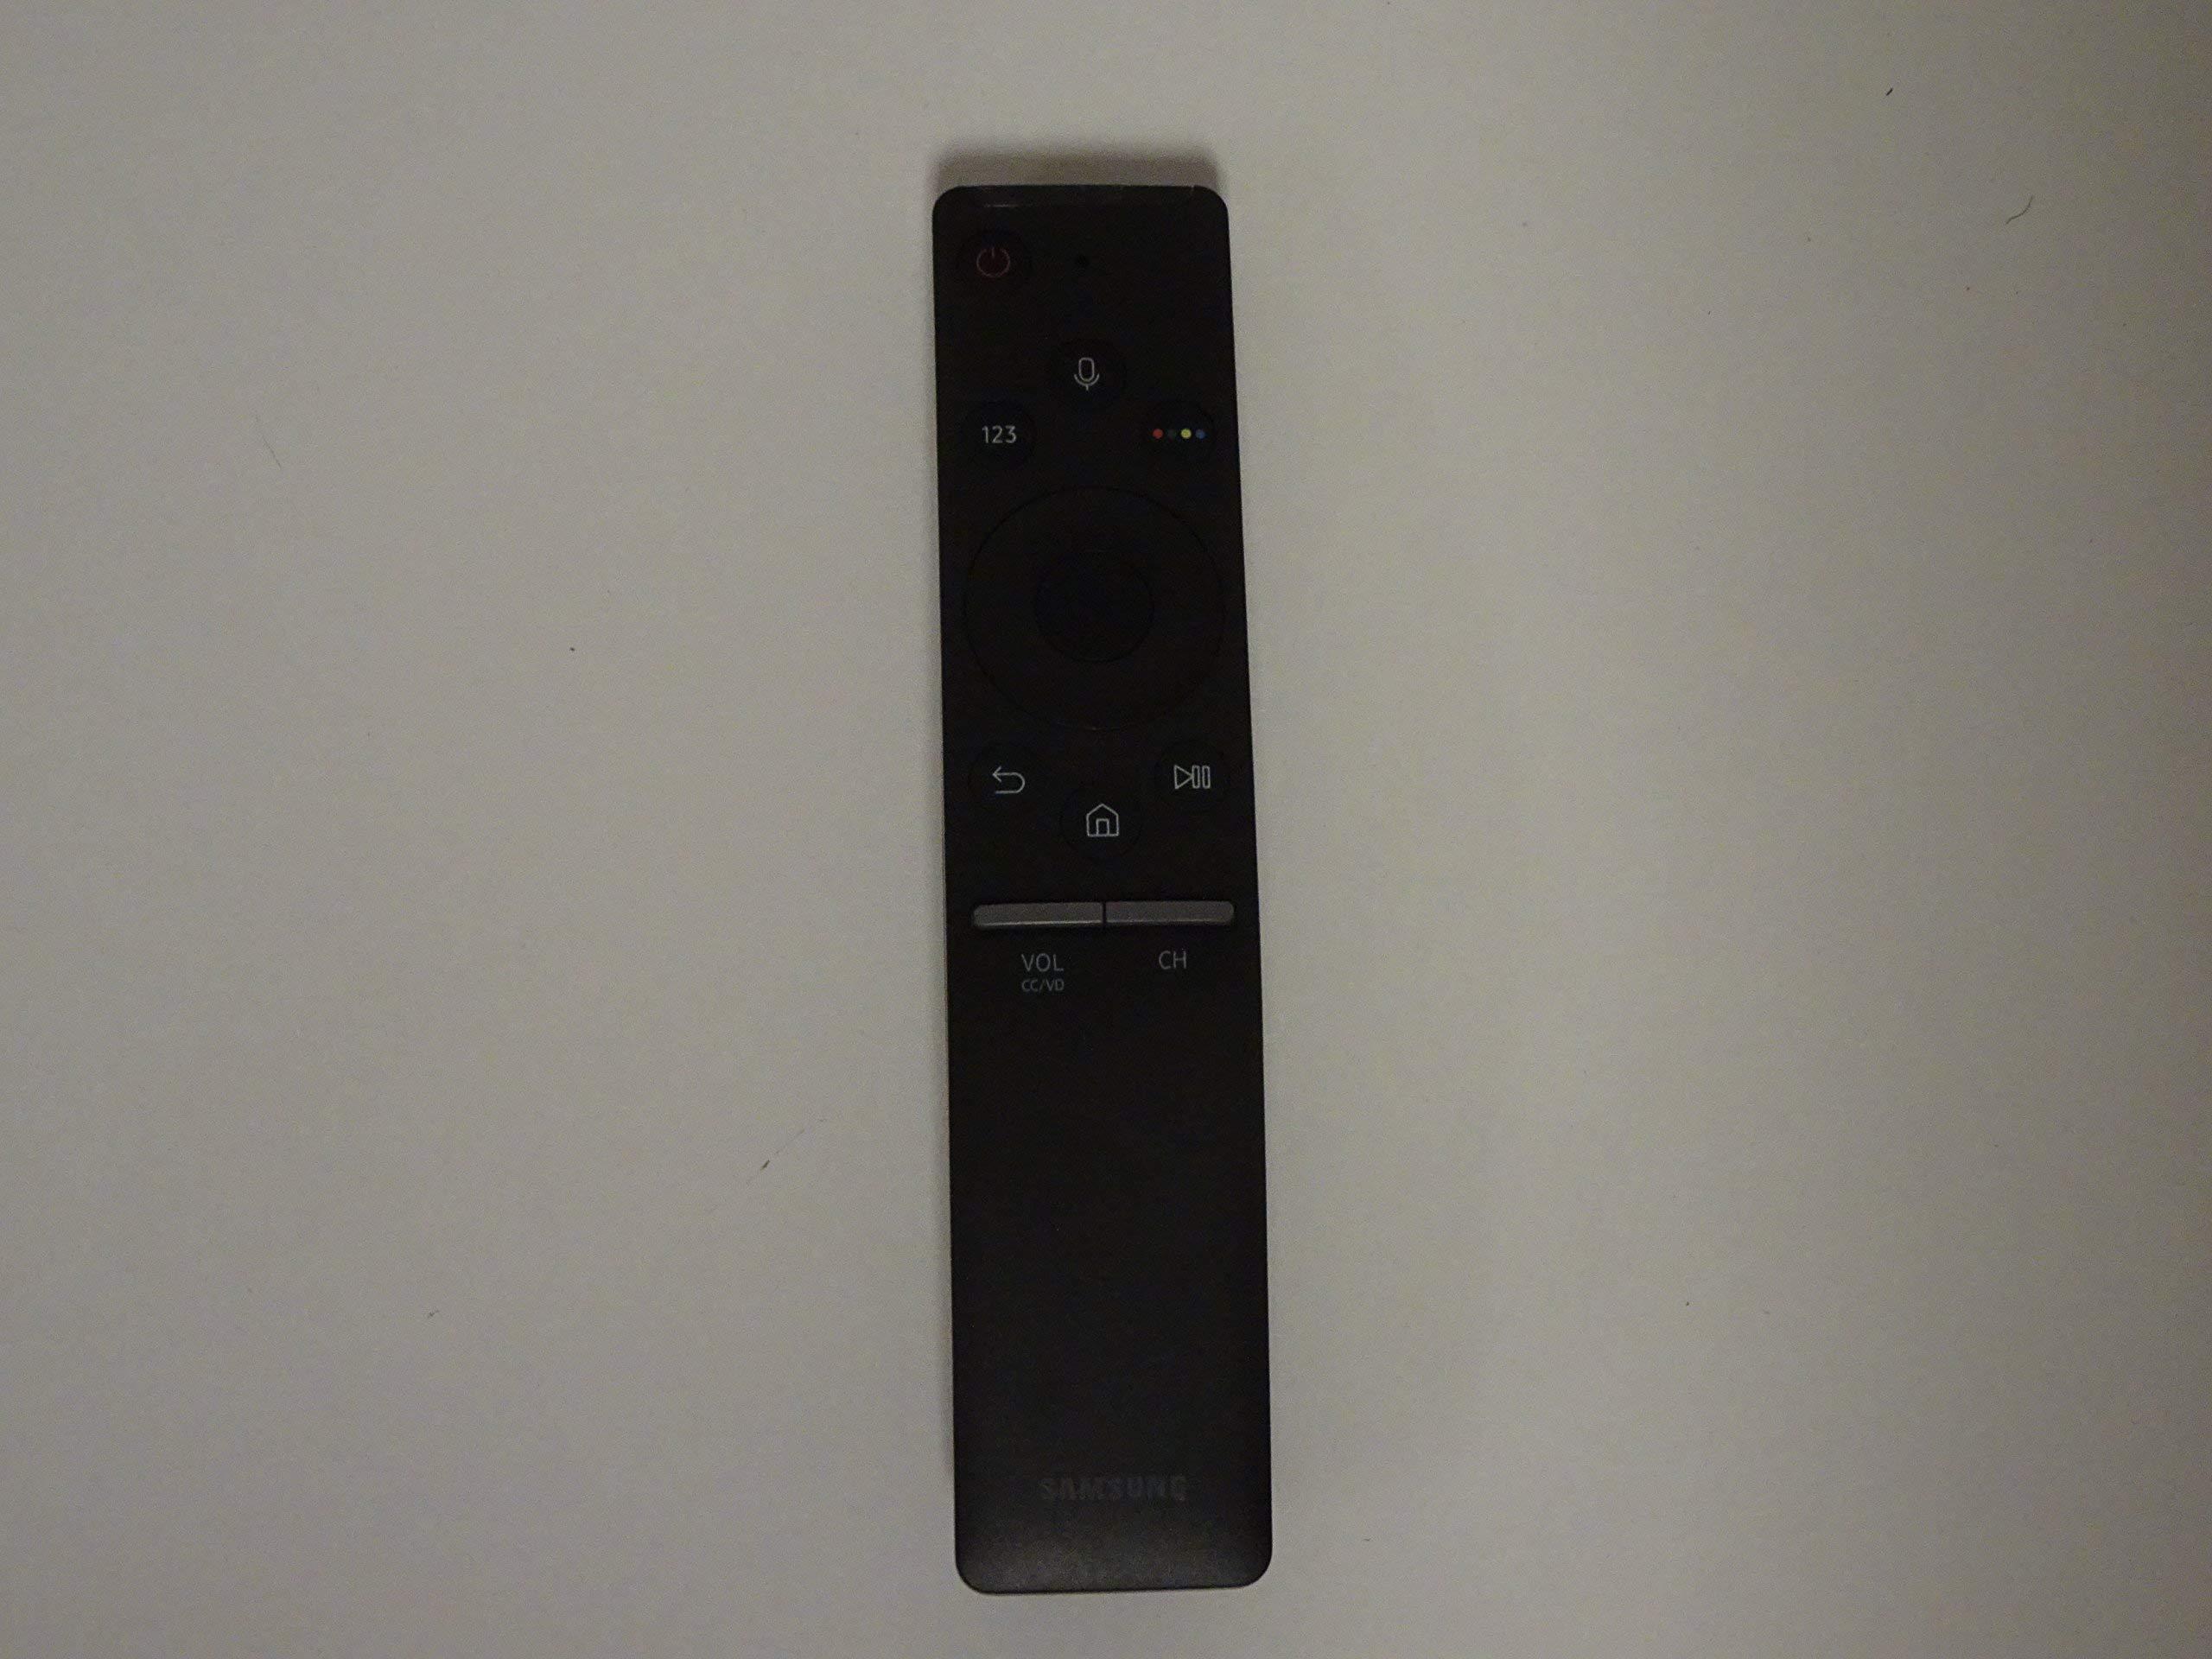 OEM Remote Control (BN59-01298A) for Samsung Smart 4K Ultra HDTV - Black